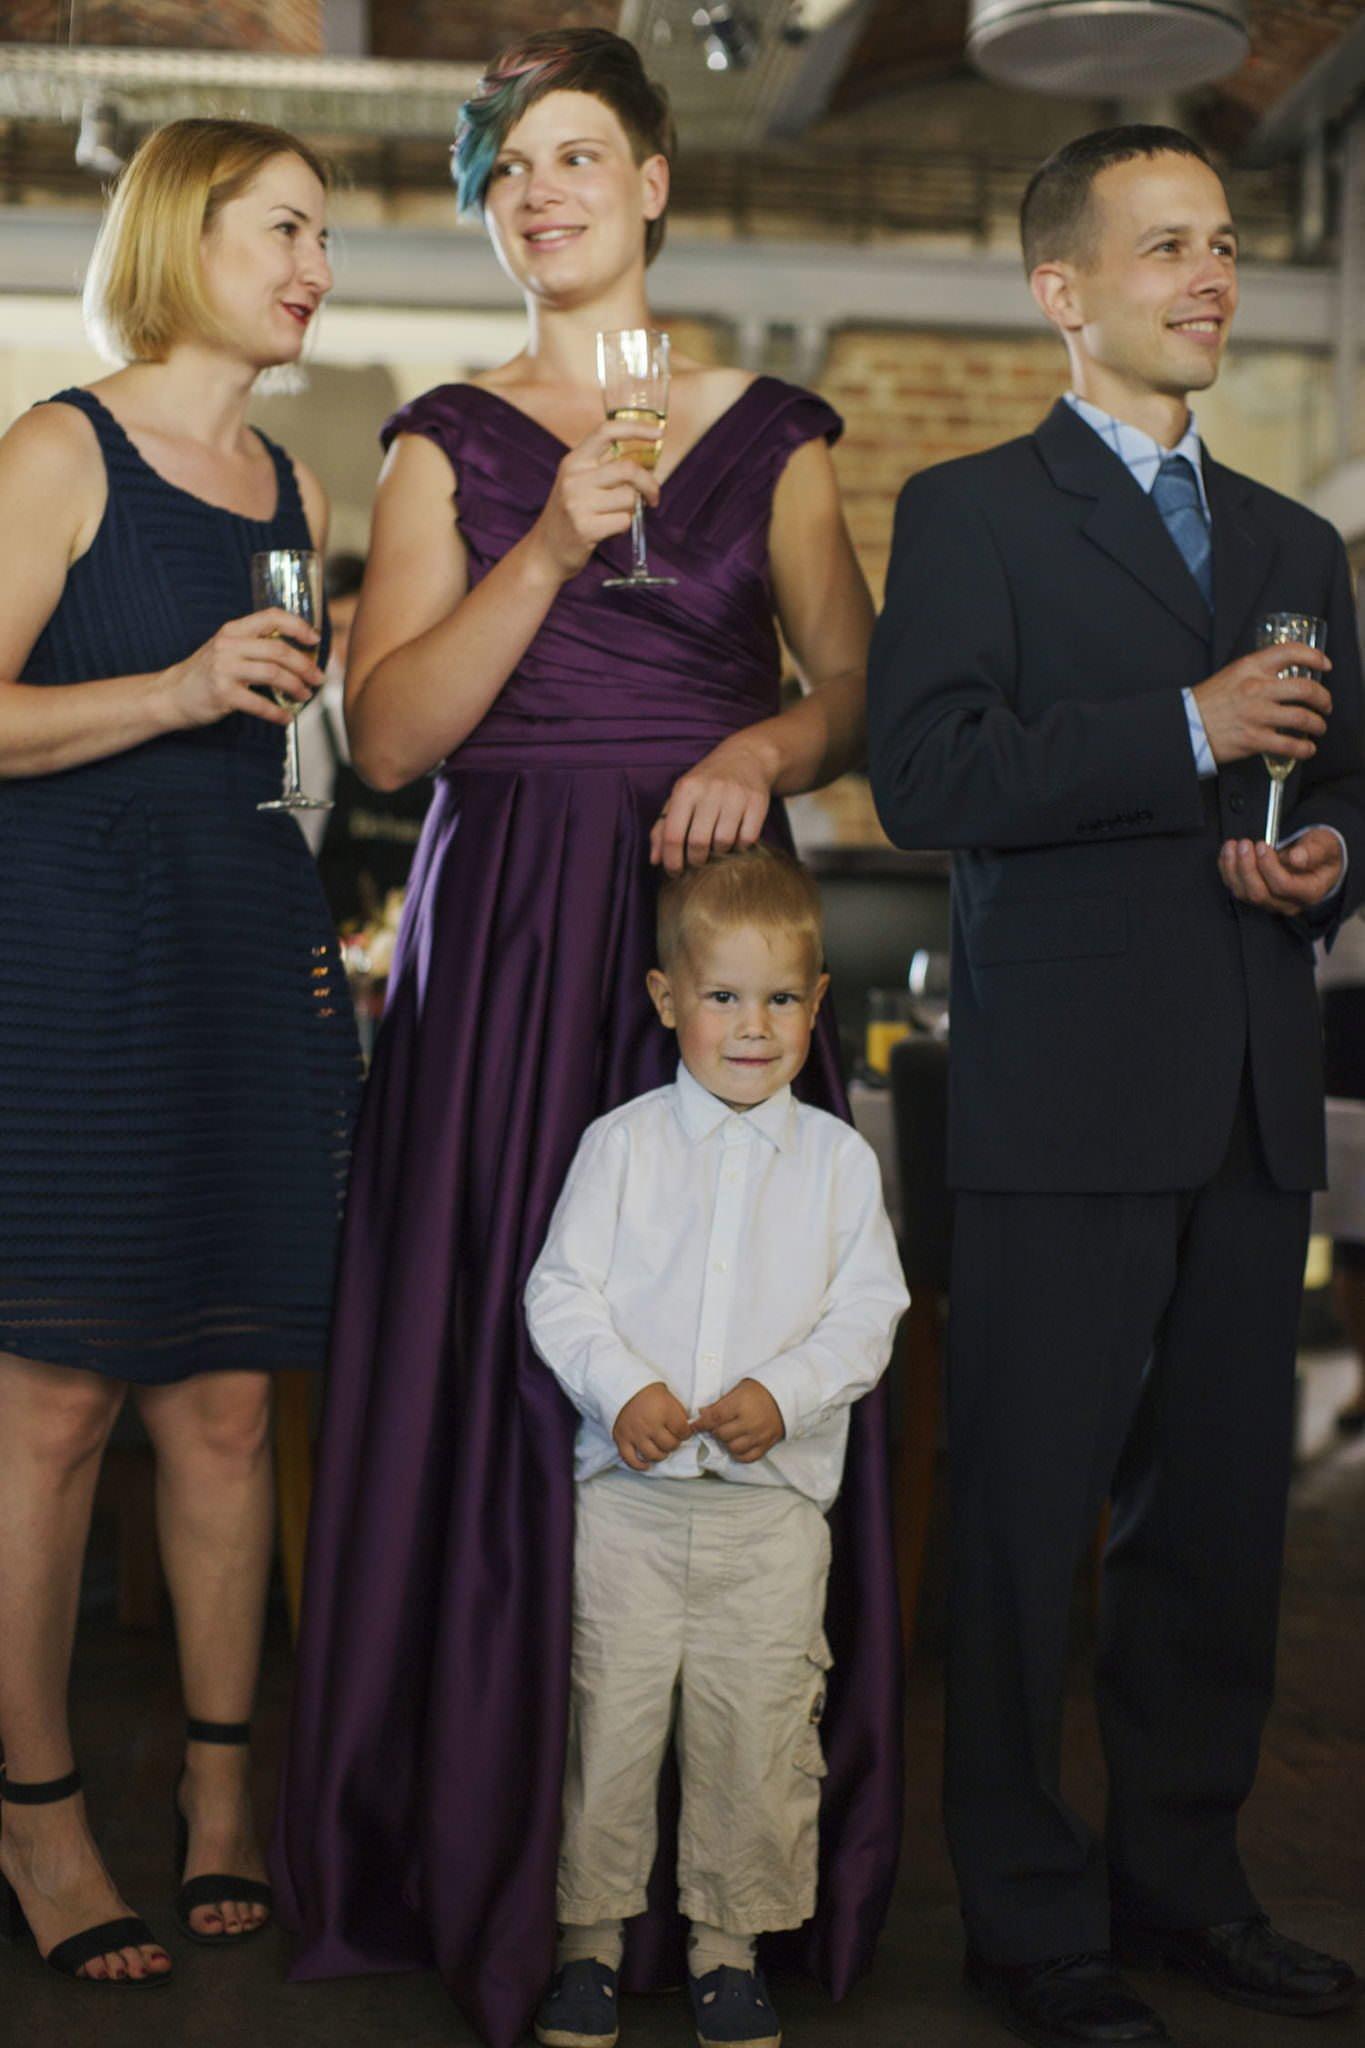 fotografie wesele browar obywatelski tychy 44 - Wesele w Browarze obywatelskim - OLA & IVO